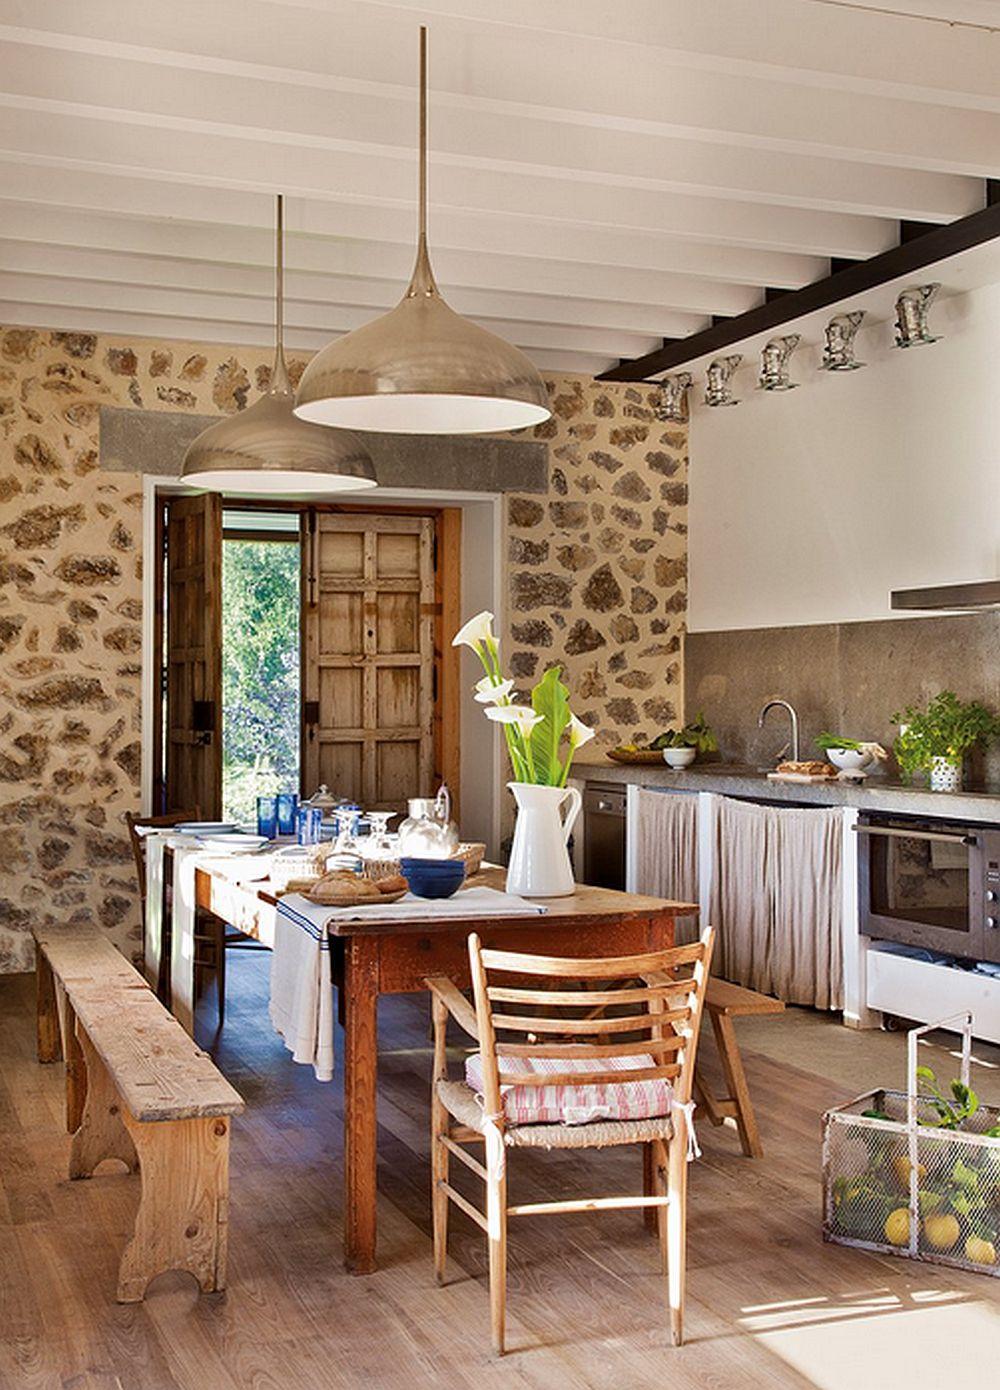 adelaparvu.com despre casa rustica, casa Spania, Asturias, arhitect Jaime Galmes, FotoElMueble (10)